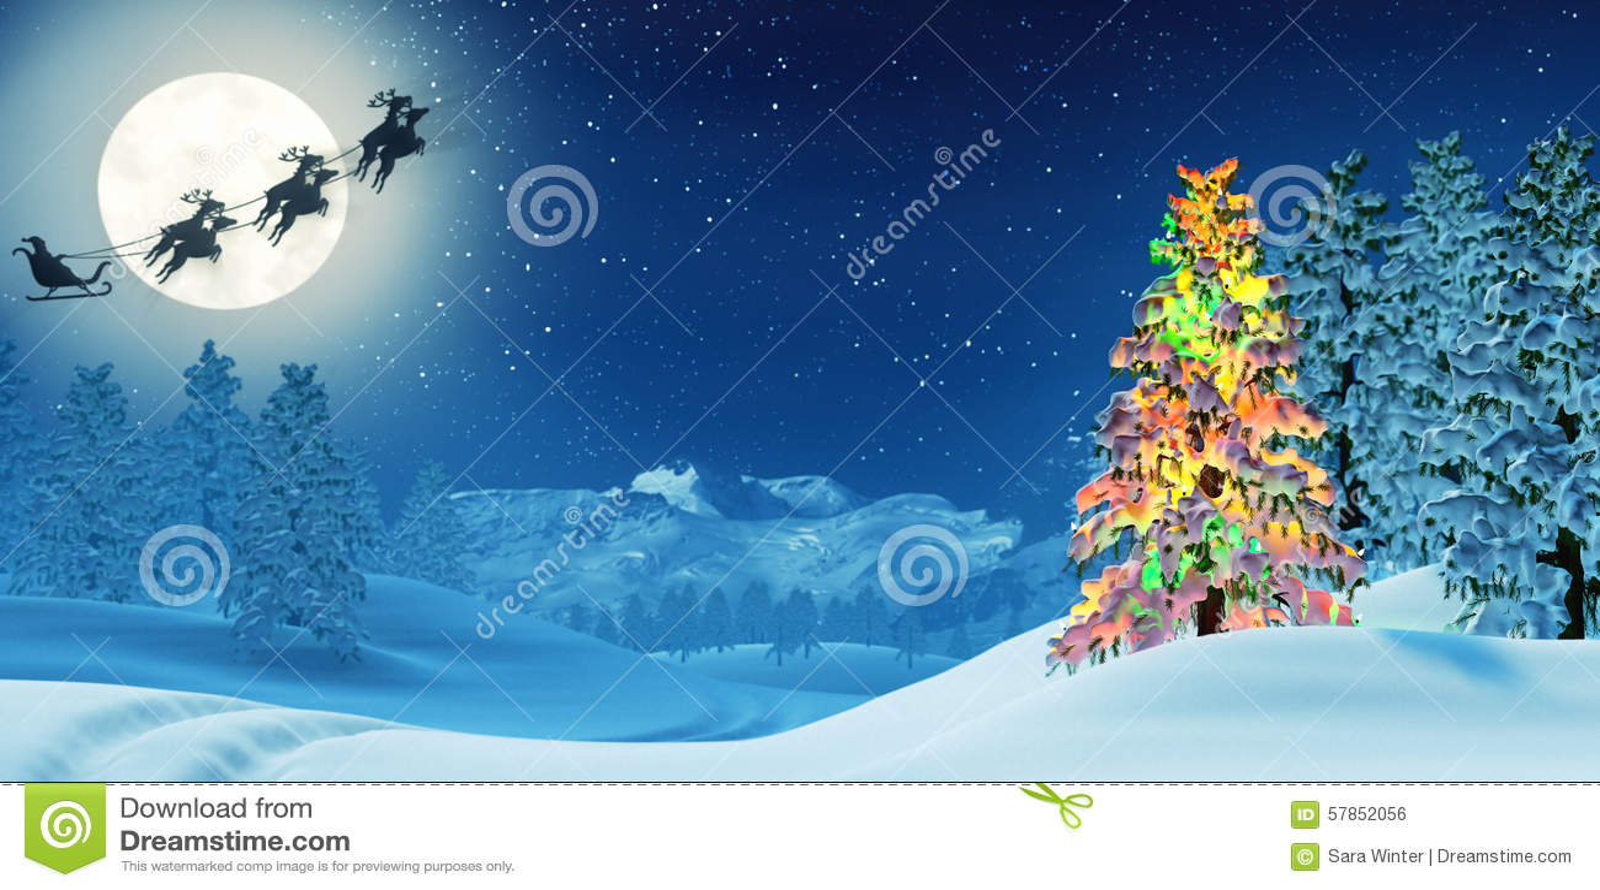 el rbol de navidad y pap noel en invierno iluminado por la luna ajardinan en la